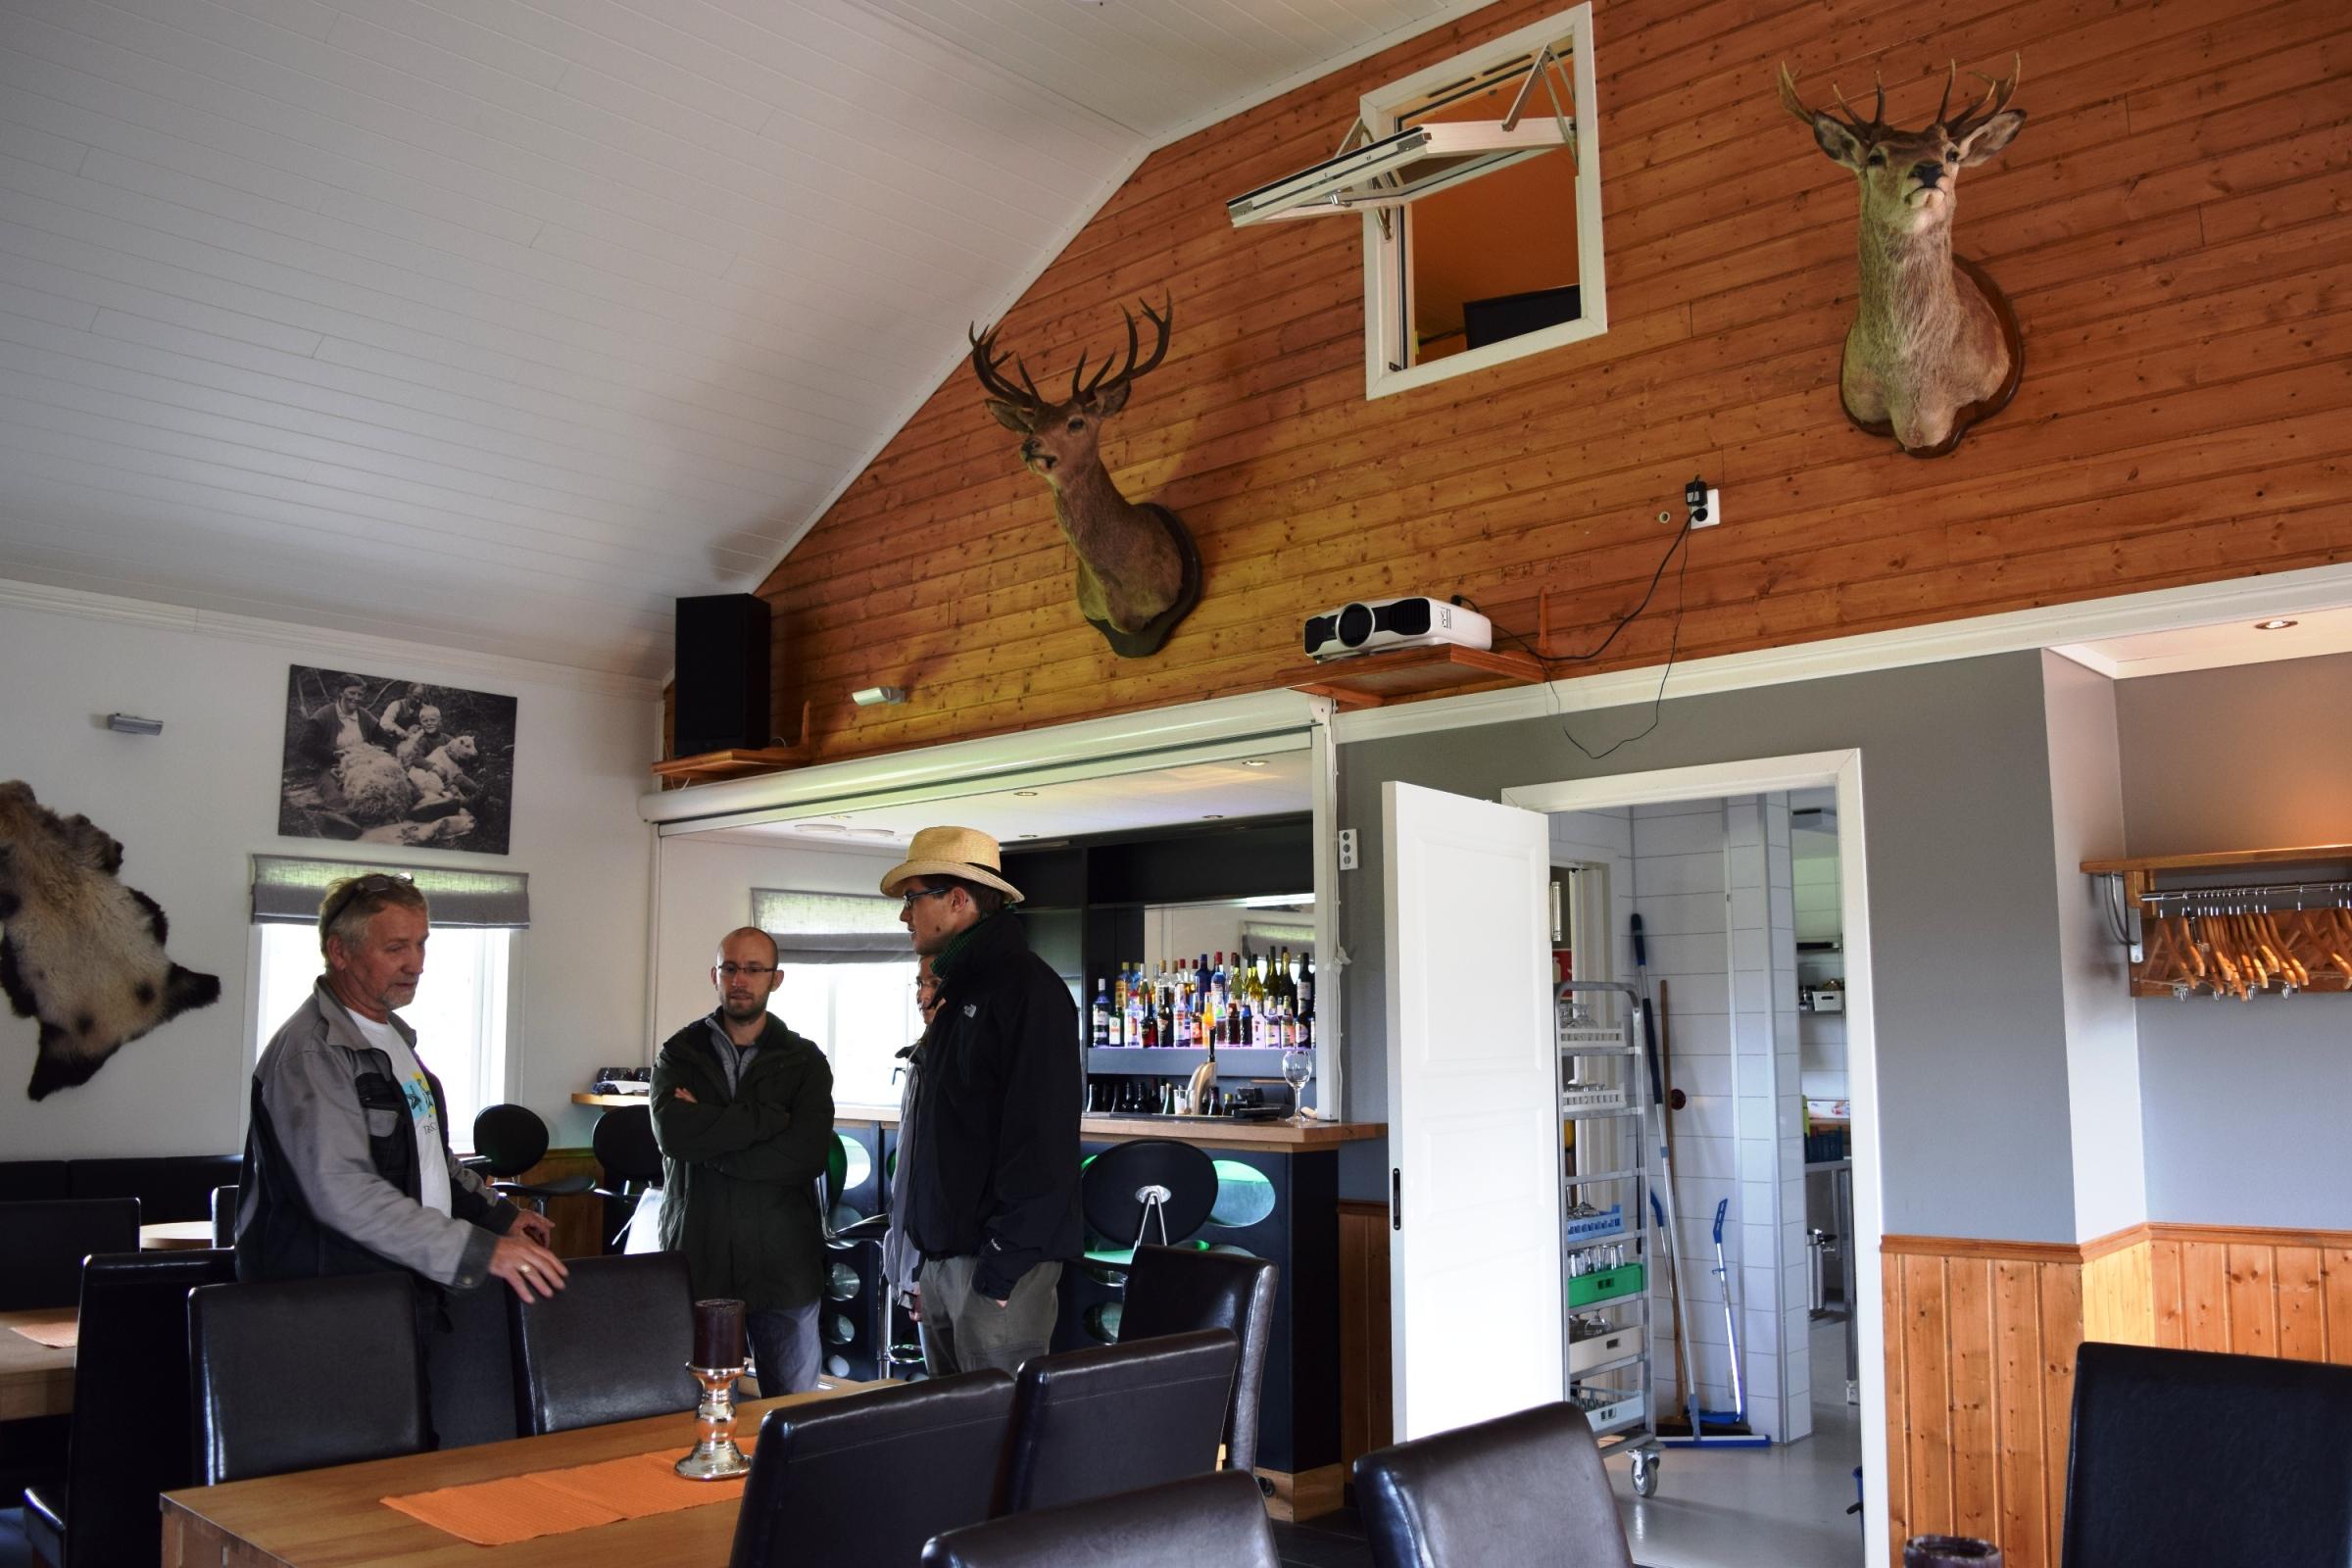 Ottjártunkkor még nem nyitott meg az étterem, az utolsó simítások zajlottak. A berendezésből is kiderül, hogy Kristofer nagy vadász.